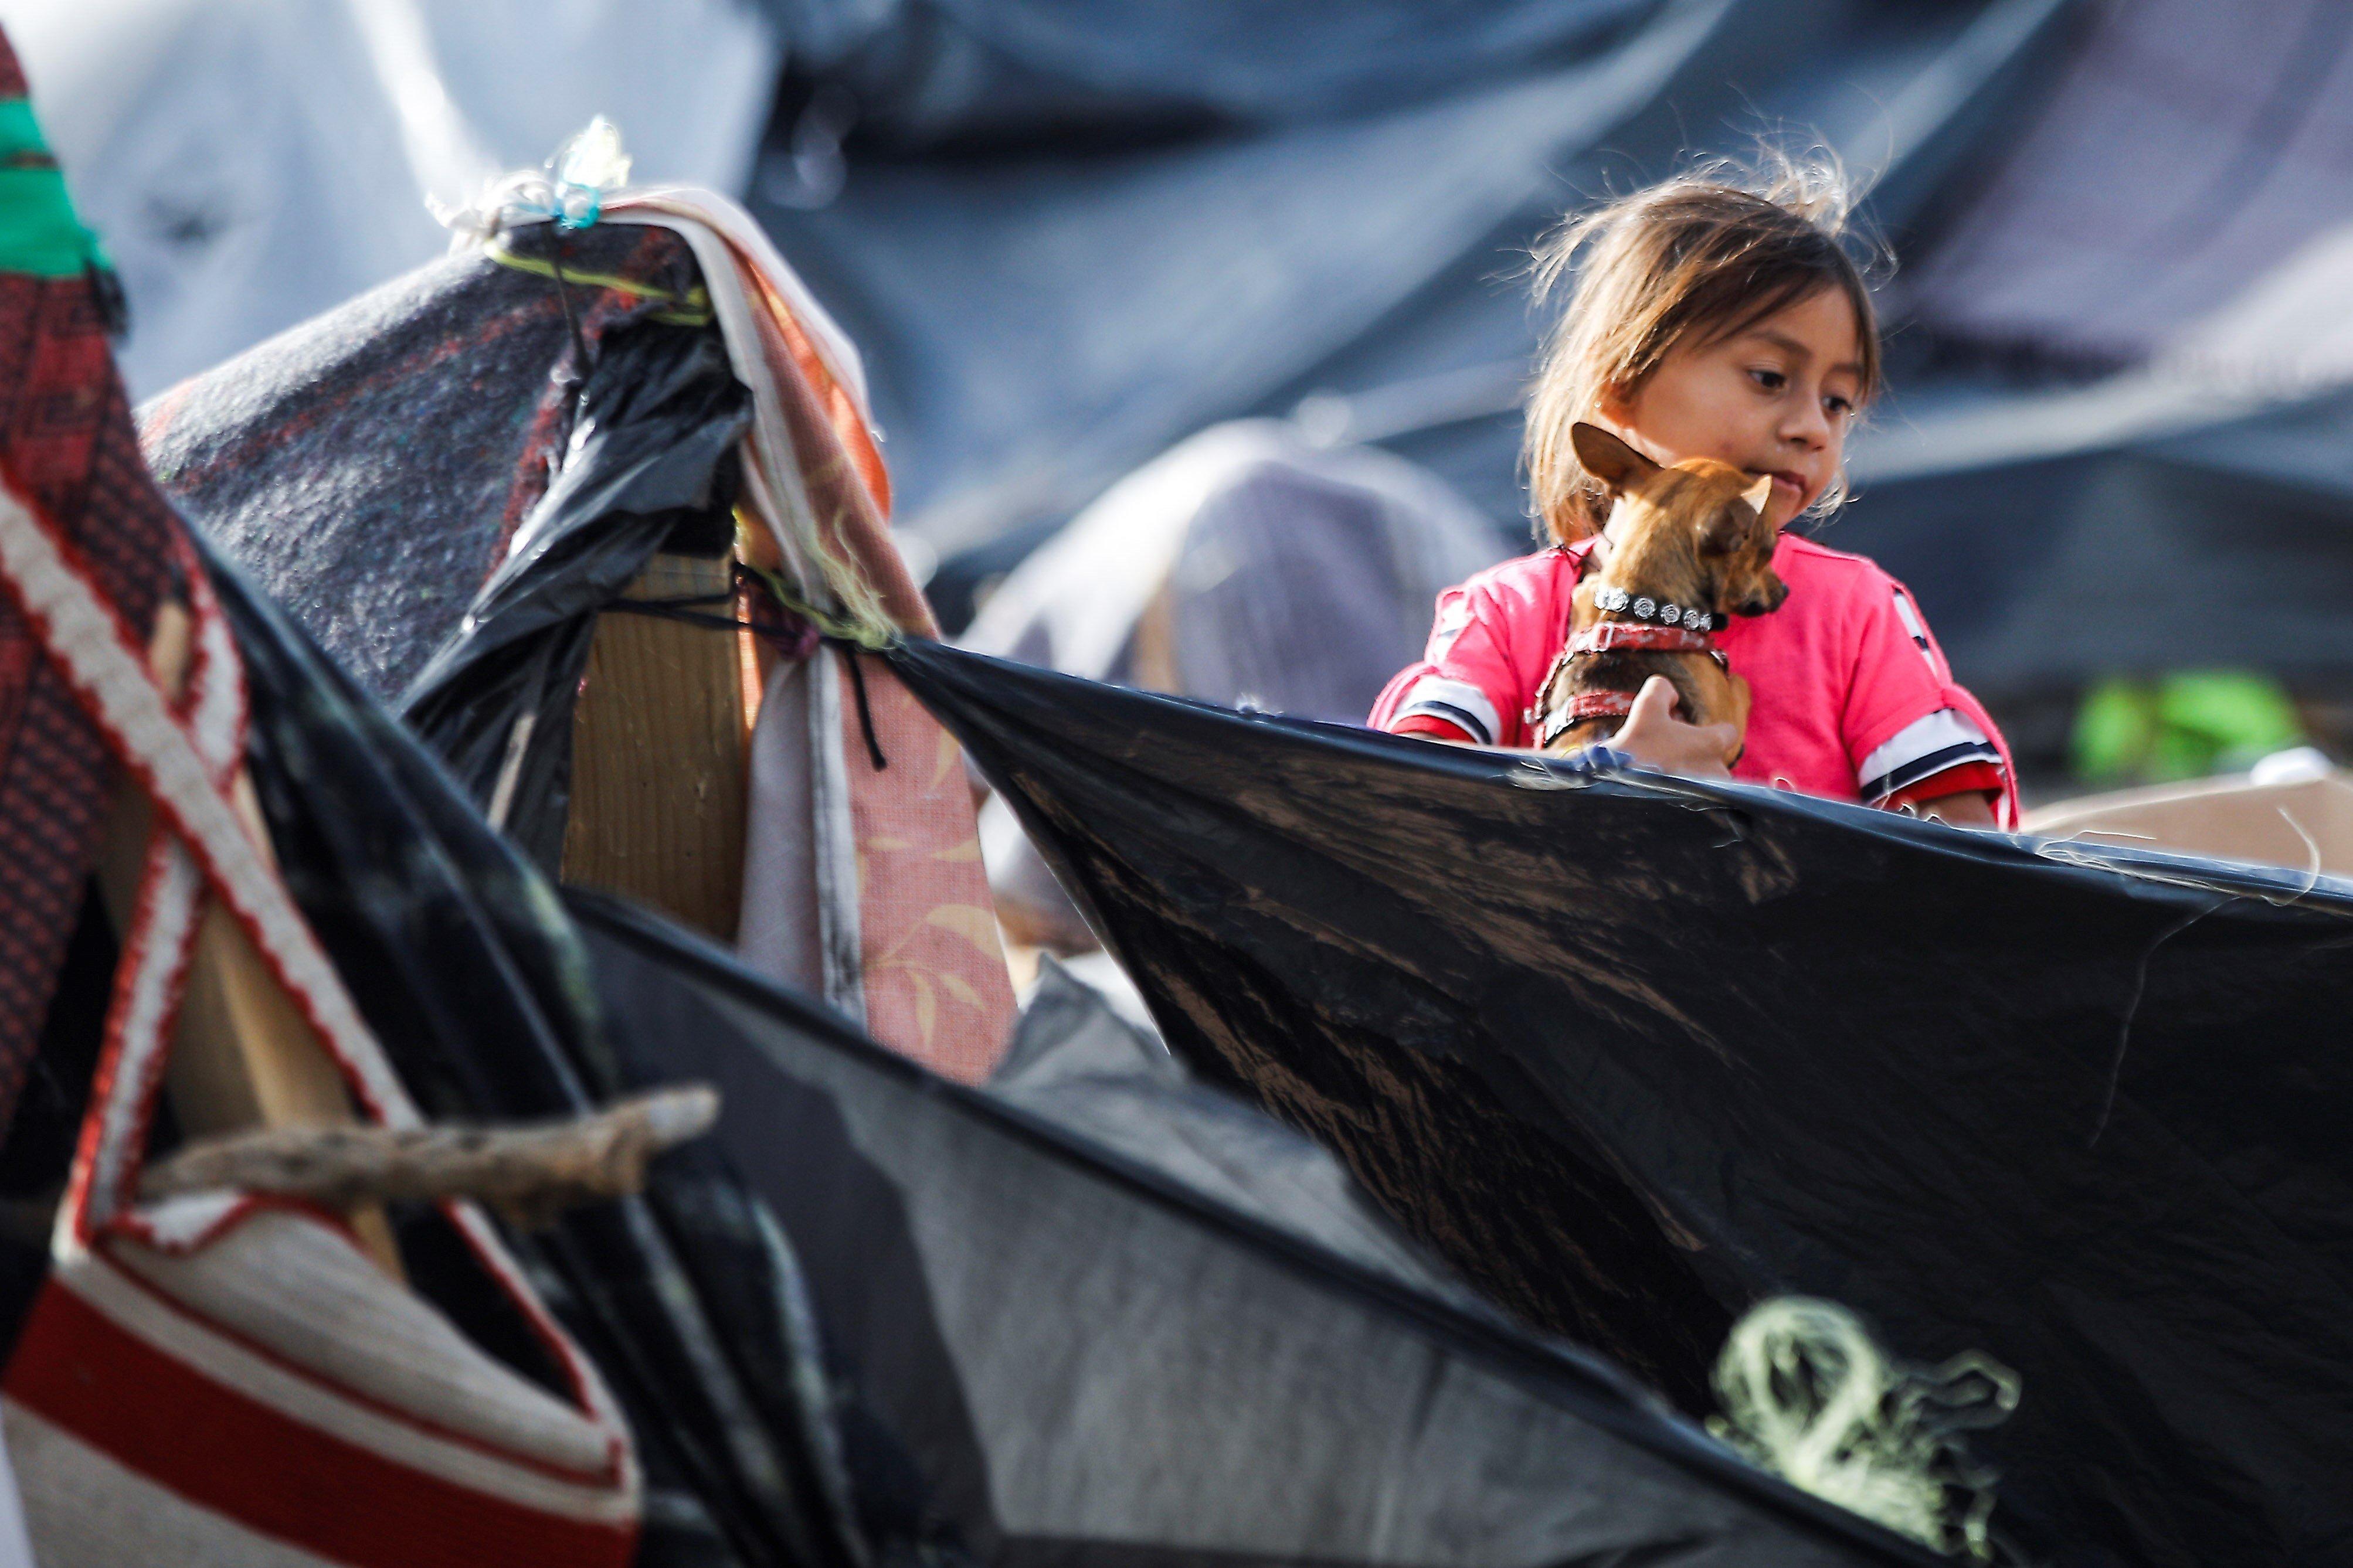 7χρονη μετανάστρια πεθαίνει από αφυδάτωση και εξάντληση ενώ είναι υπό κράτηση από τις αρχές των